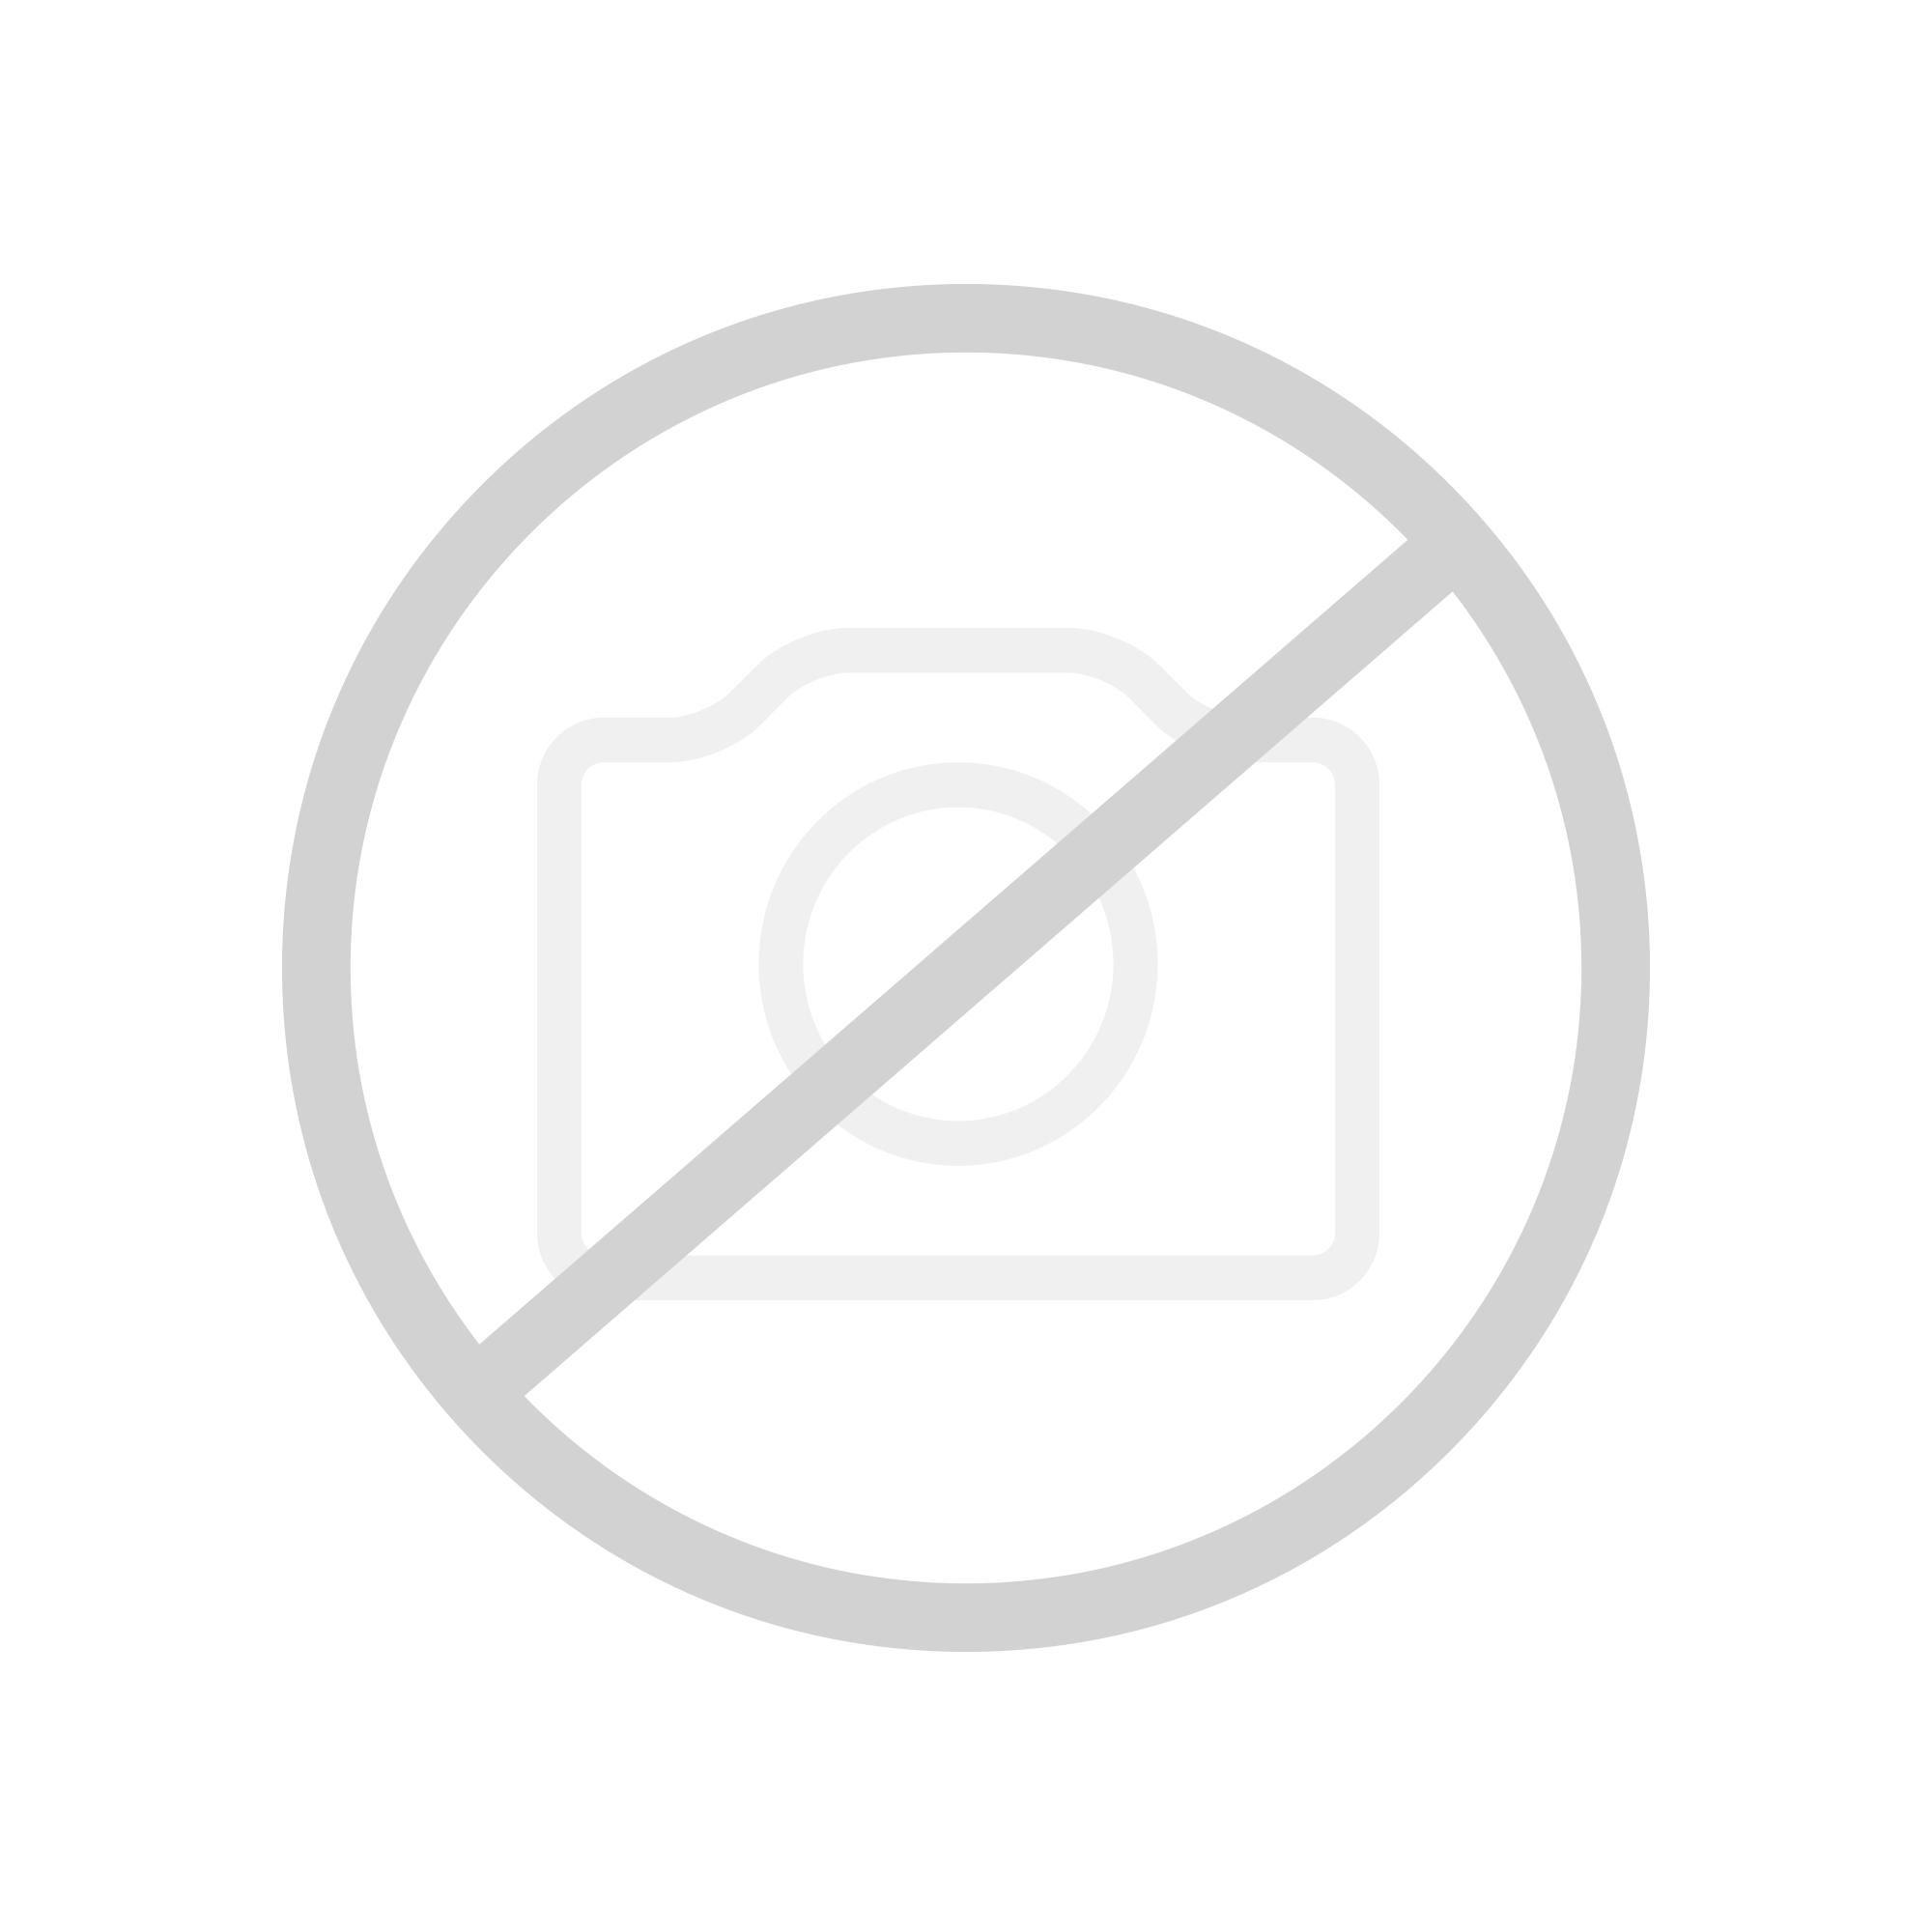 Geberit Sigma50 Betätigungsplatte für 2-Mengen-Spülung verspiegelt/chrom gebürstet/chrom gebürstet